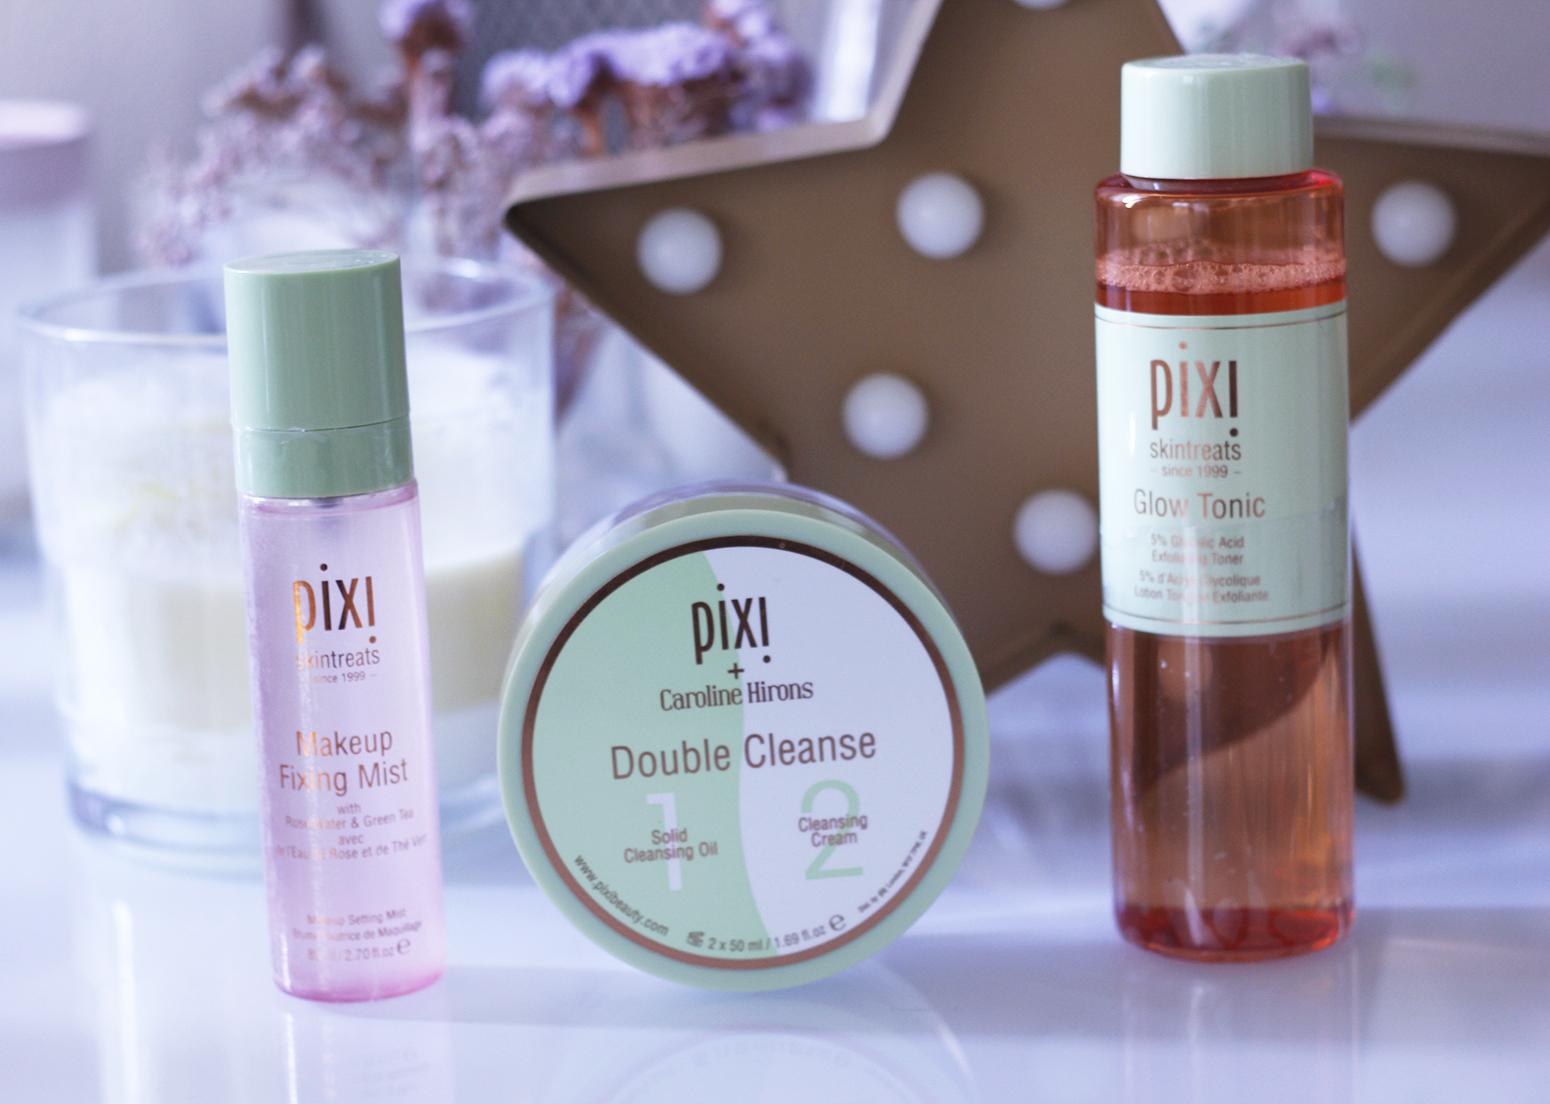 Rutina de belleza pixi biotherm chanel lierac lancôme eli saab cuidados de la piel cremas piel3